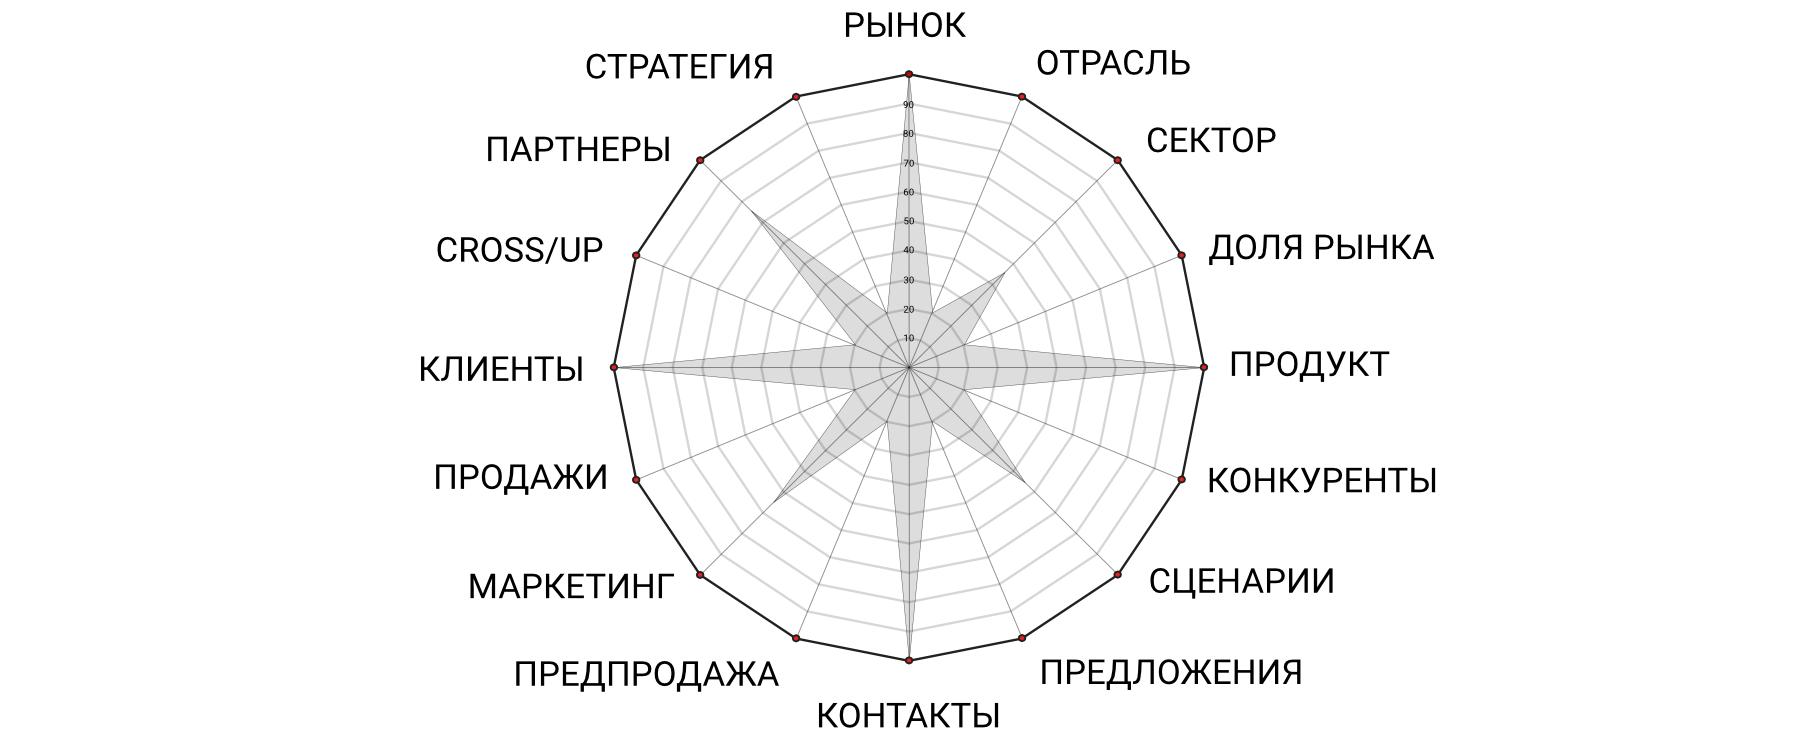 Smart Citi Enterprise Sales Check Form RUS